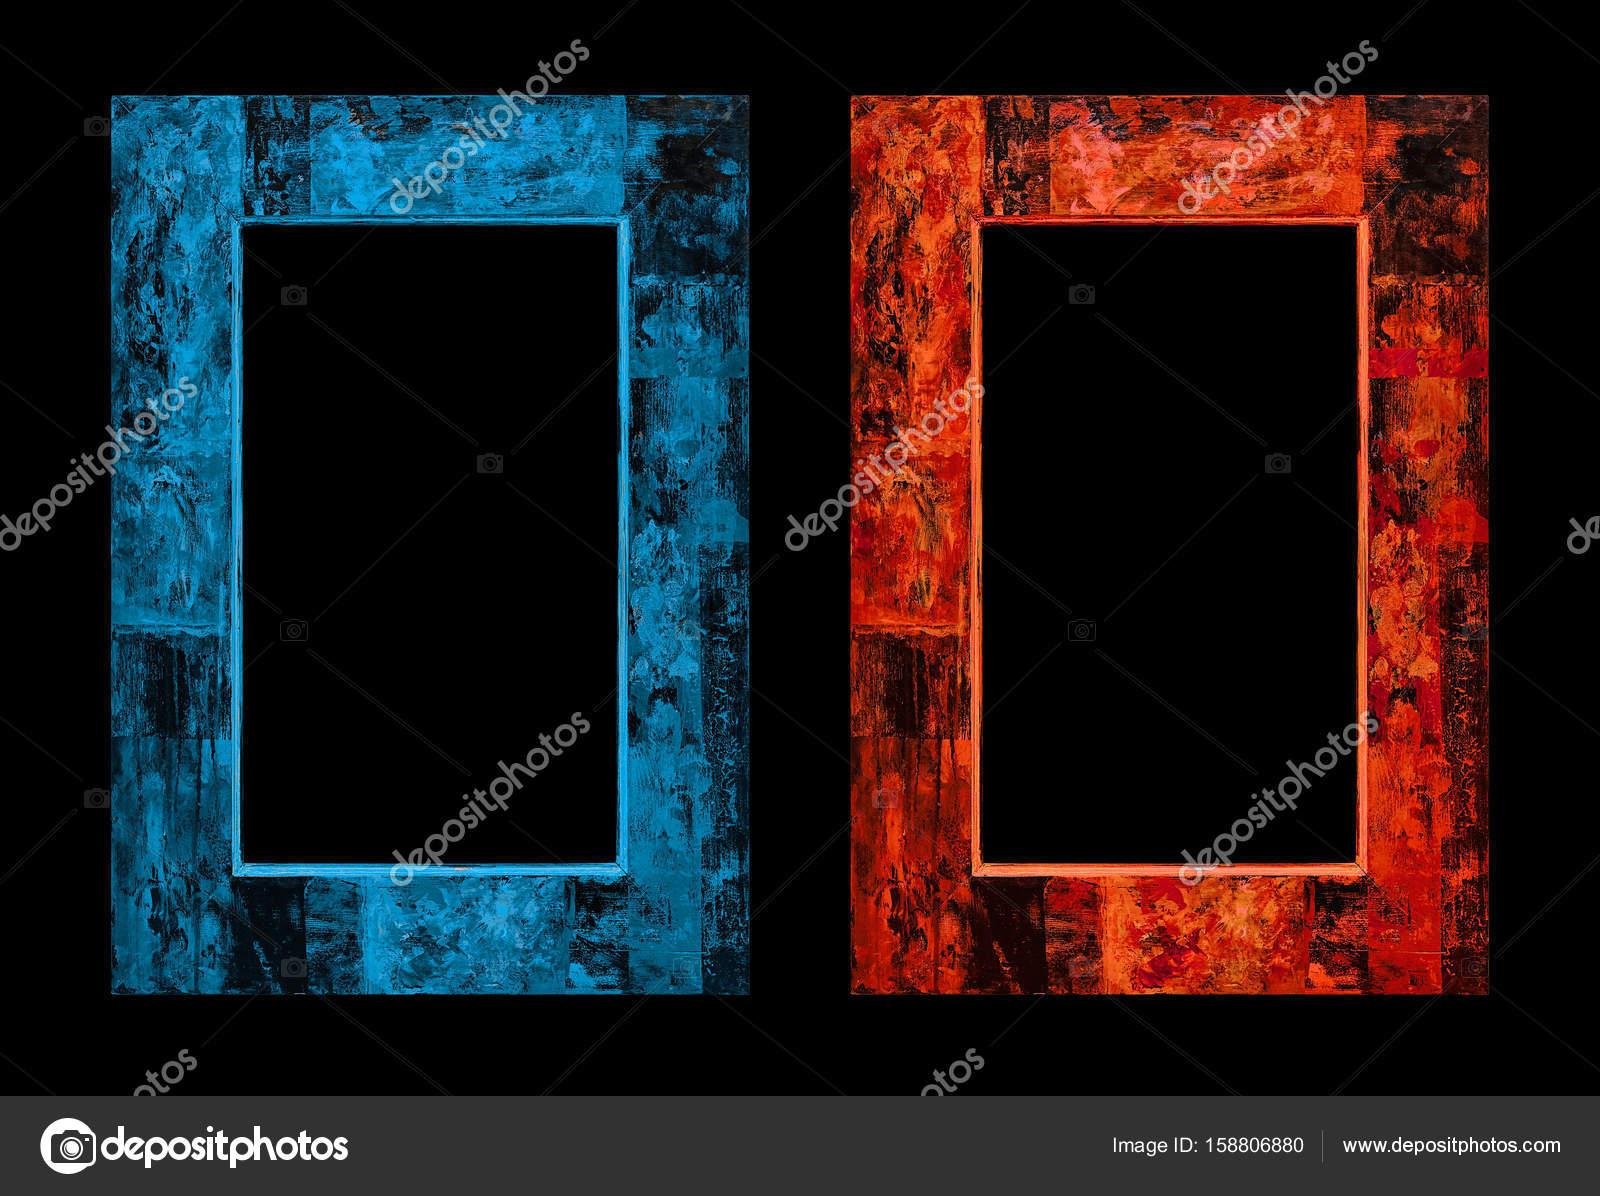 Feuer und Eis-Rahmen im antiken Stil. digitaler Bilderrahmen ...